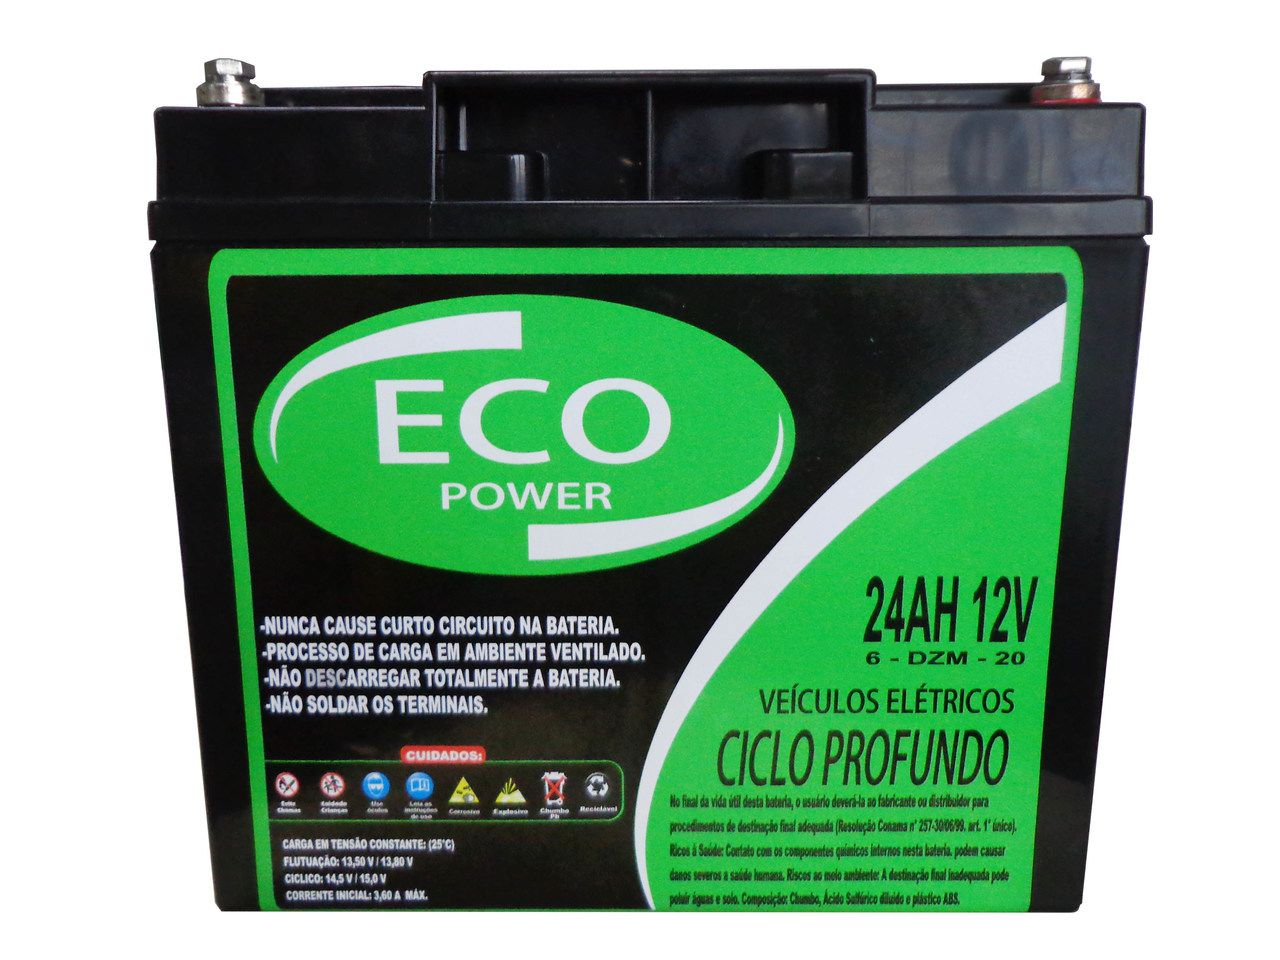 Kit 5 Baterias Eco Power Gel 12v 24ah Ciclo Profundo Bike 60v Cadeira De Rodas Da Ortobras 6-dzm-20